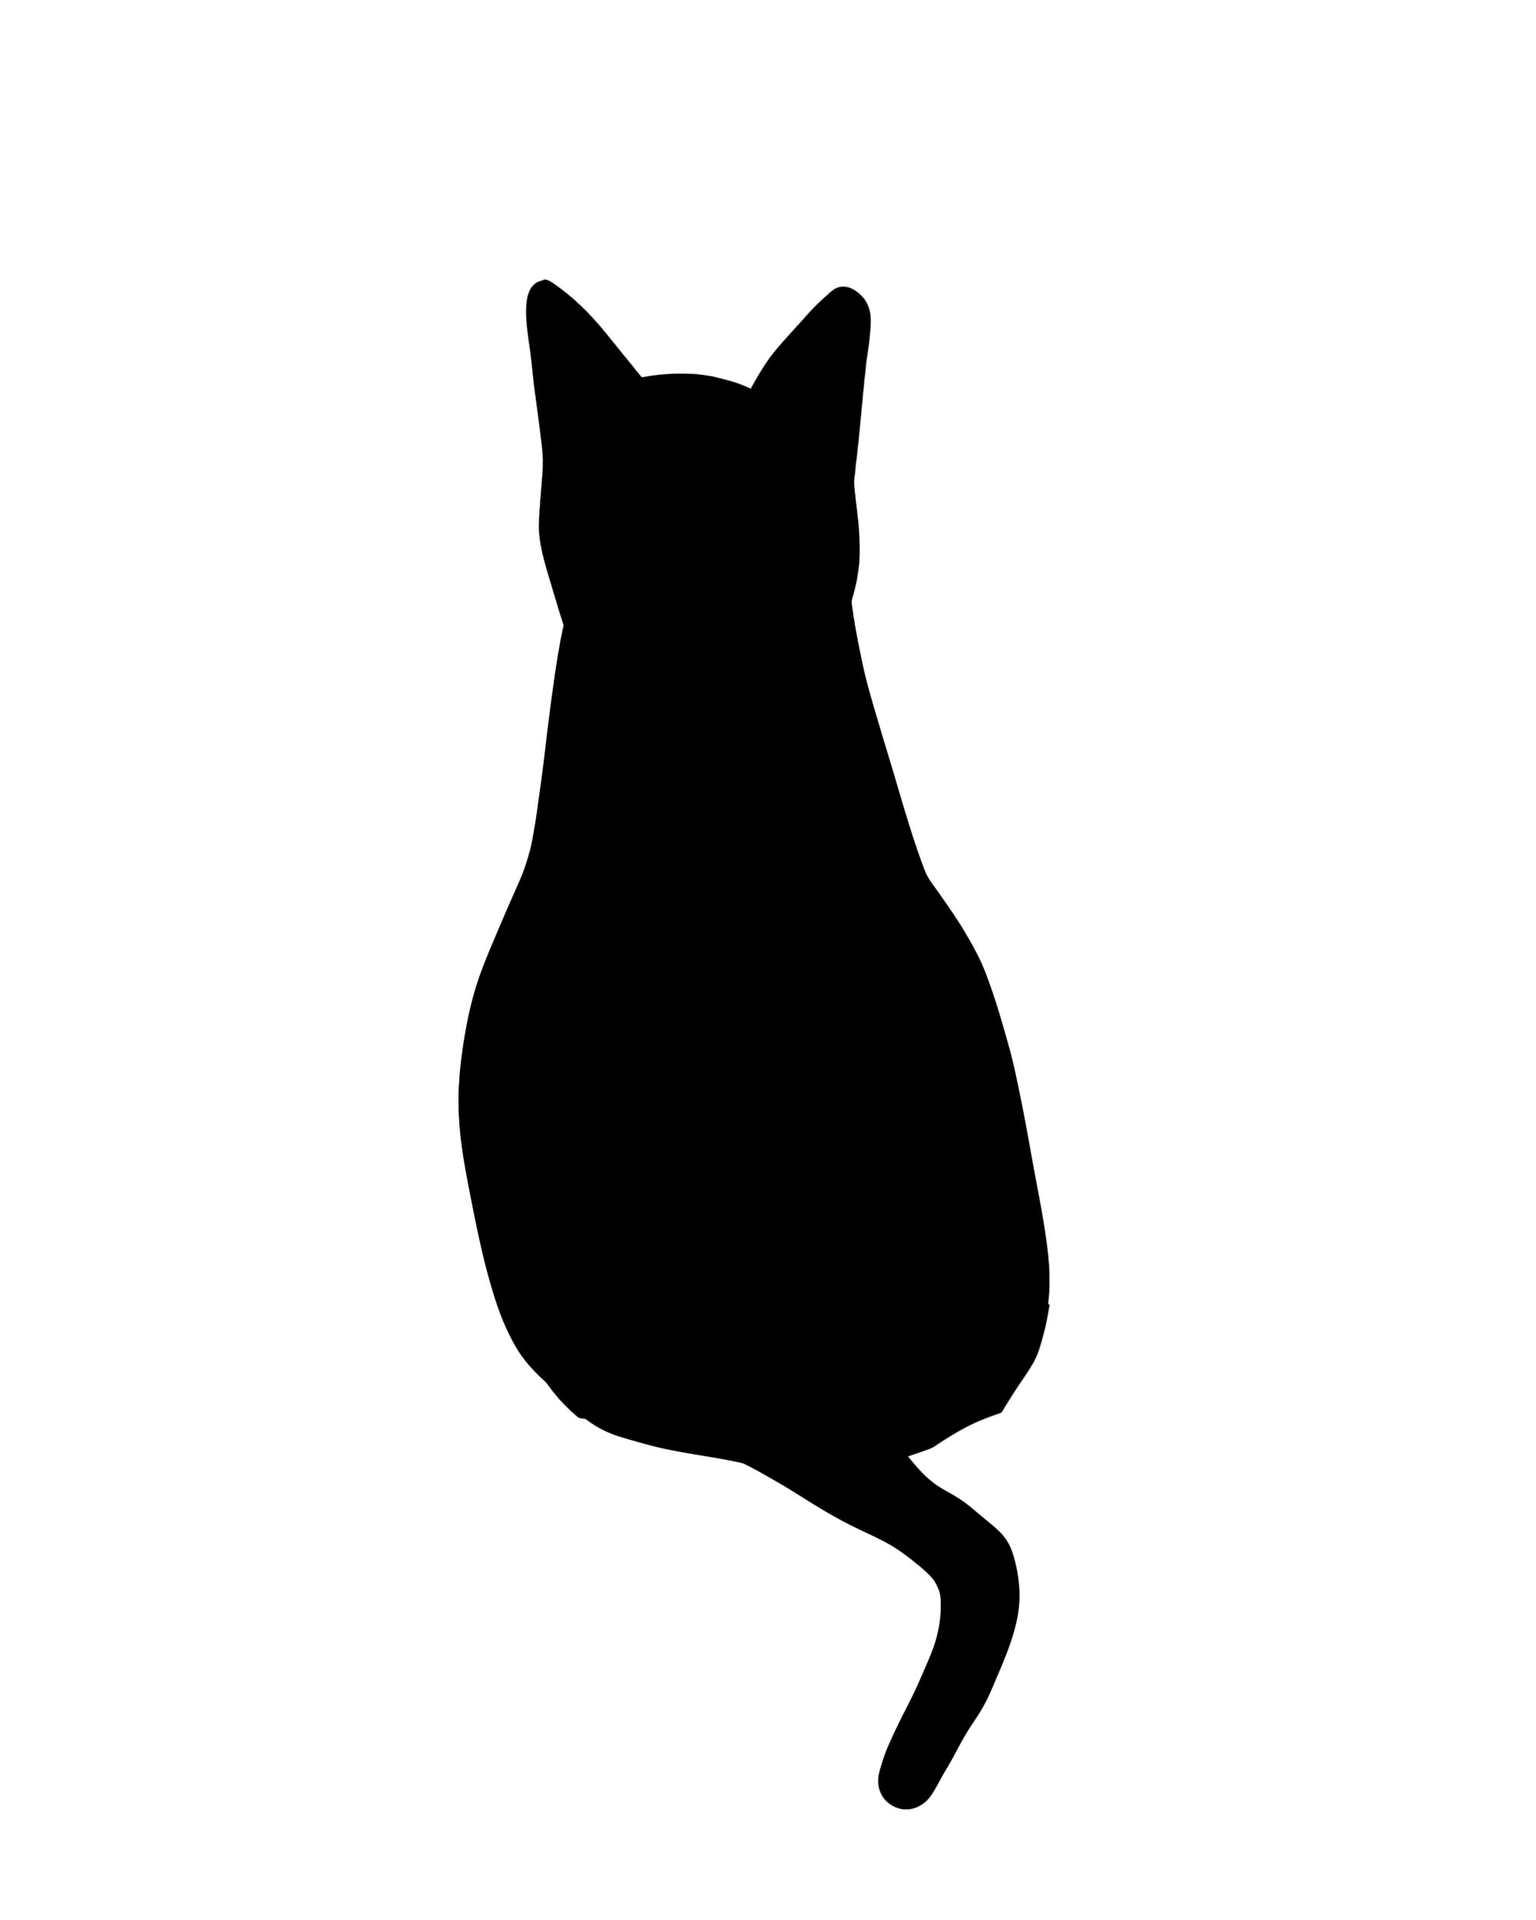 猫の描き方まとめ - naver まとめ